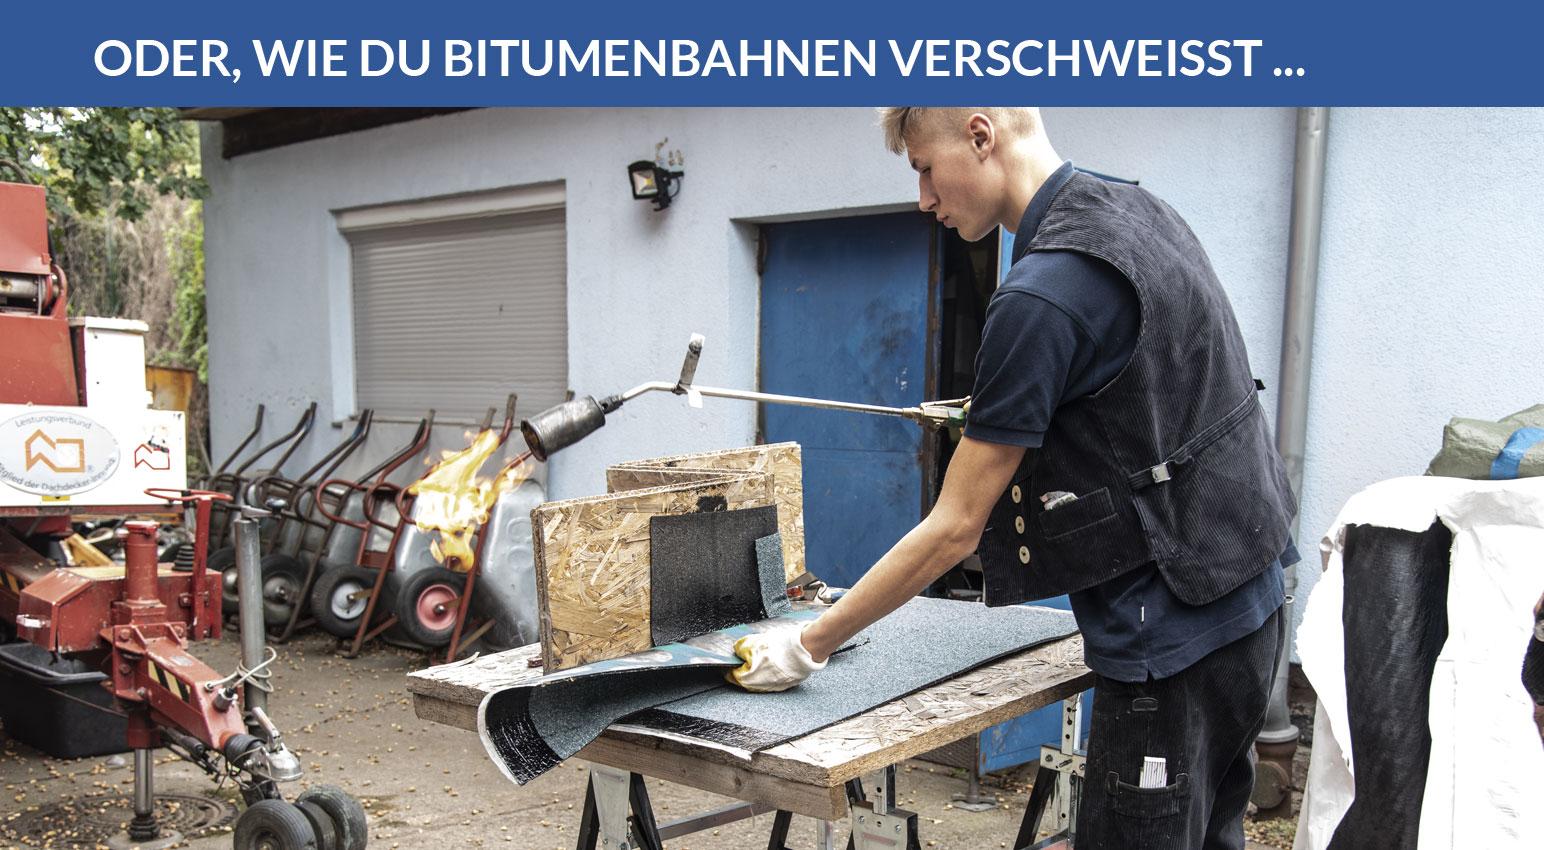 Erlernen der Technik: Schweißen von Bitumenbahnen